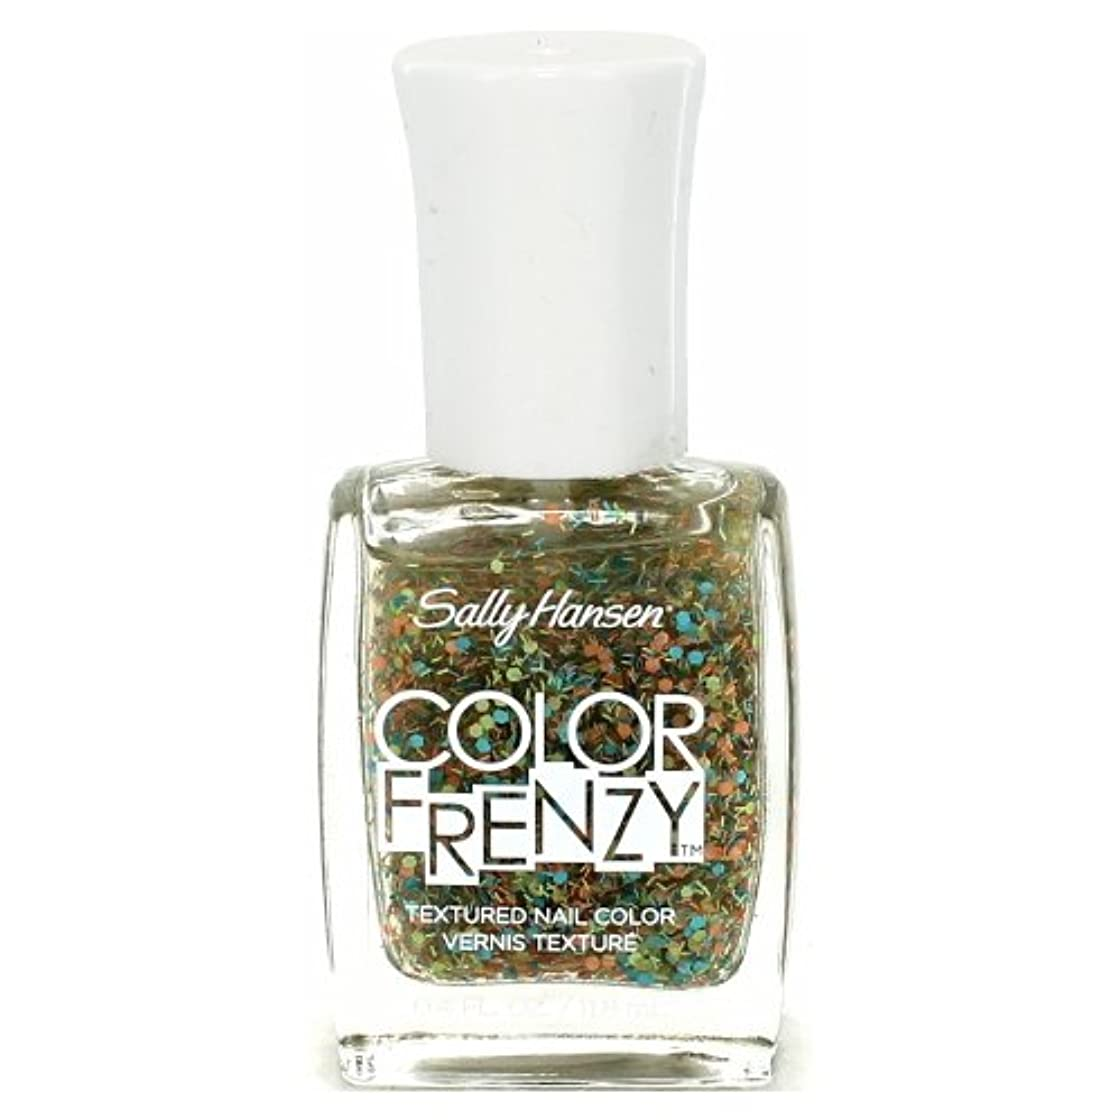 満足できる詐欺シエスタ(6 Pack) SALLY HANSEN Color Frenzy Textured Nail Color - Paint Party (並行輸入品)